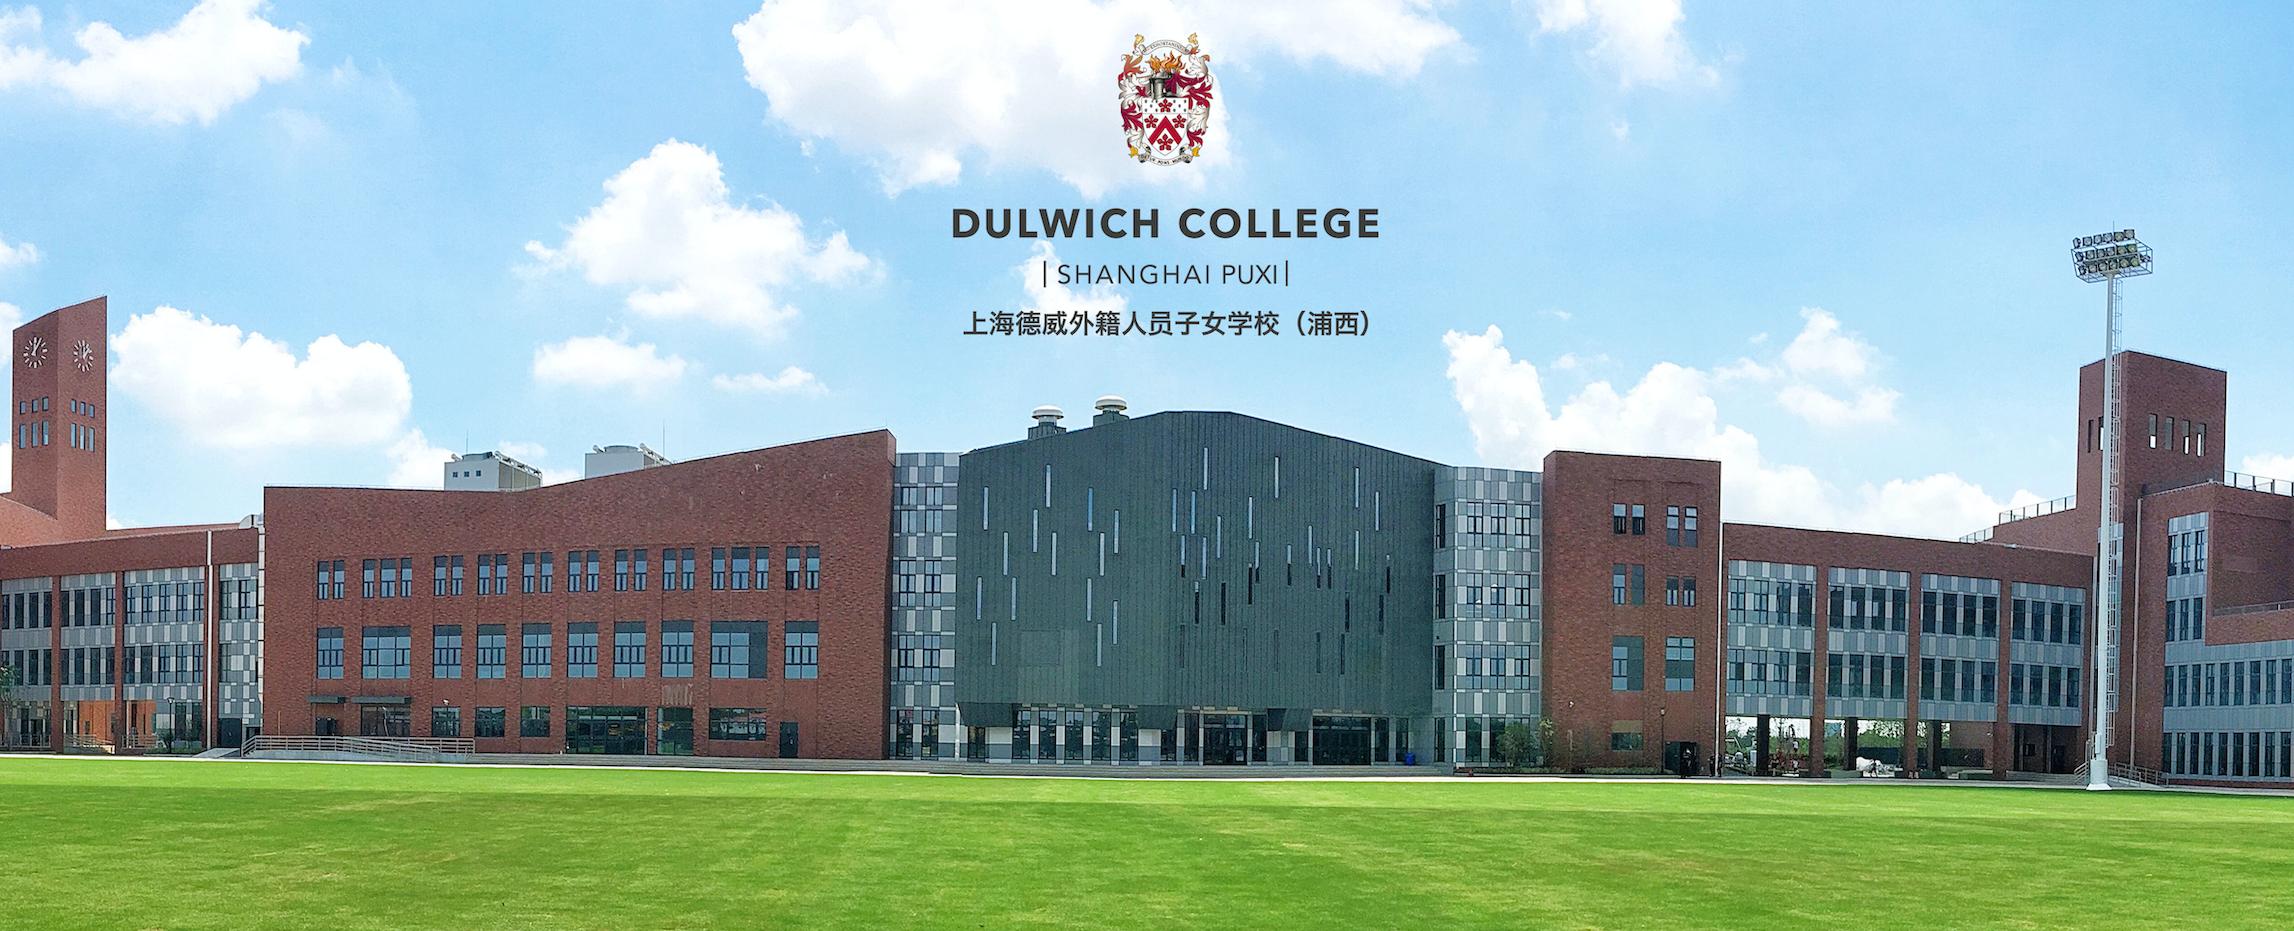 dcspx-上海德威外籍人员子女学校(浦东)-20200909-090601-672